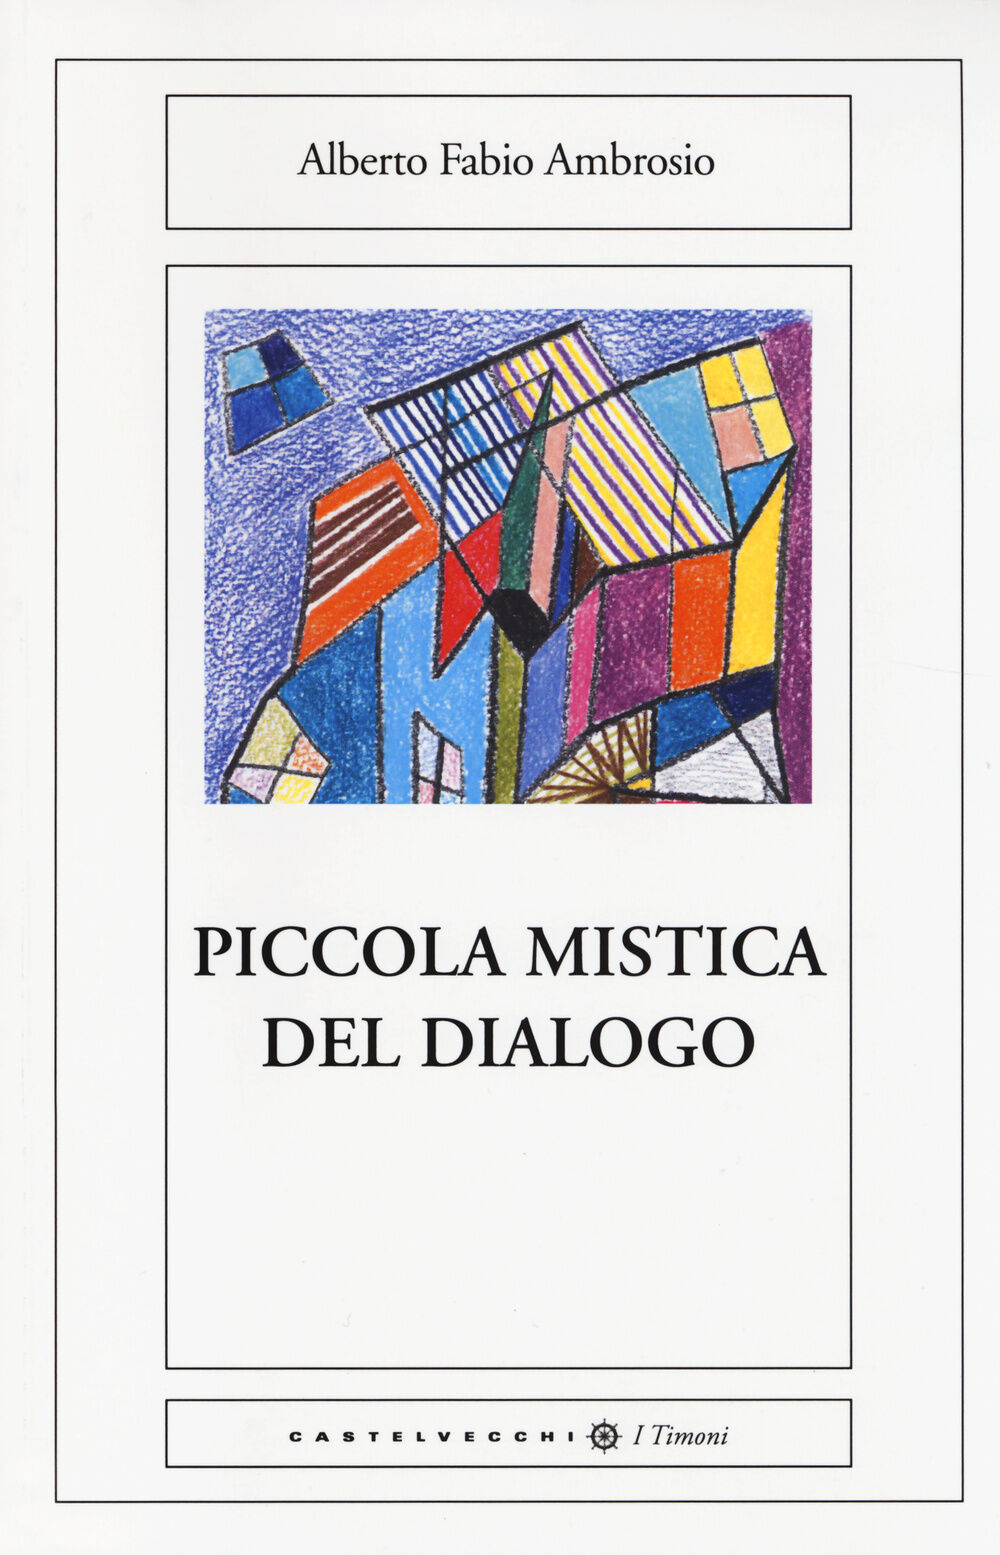 Piccola mistica del dialogo